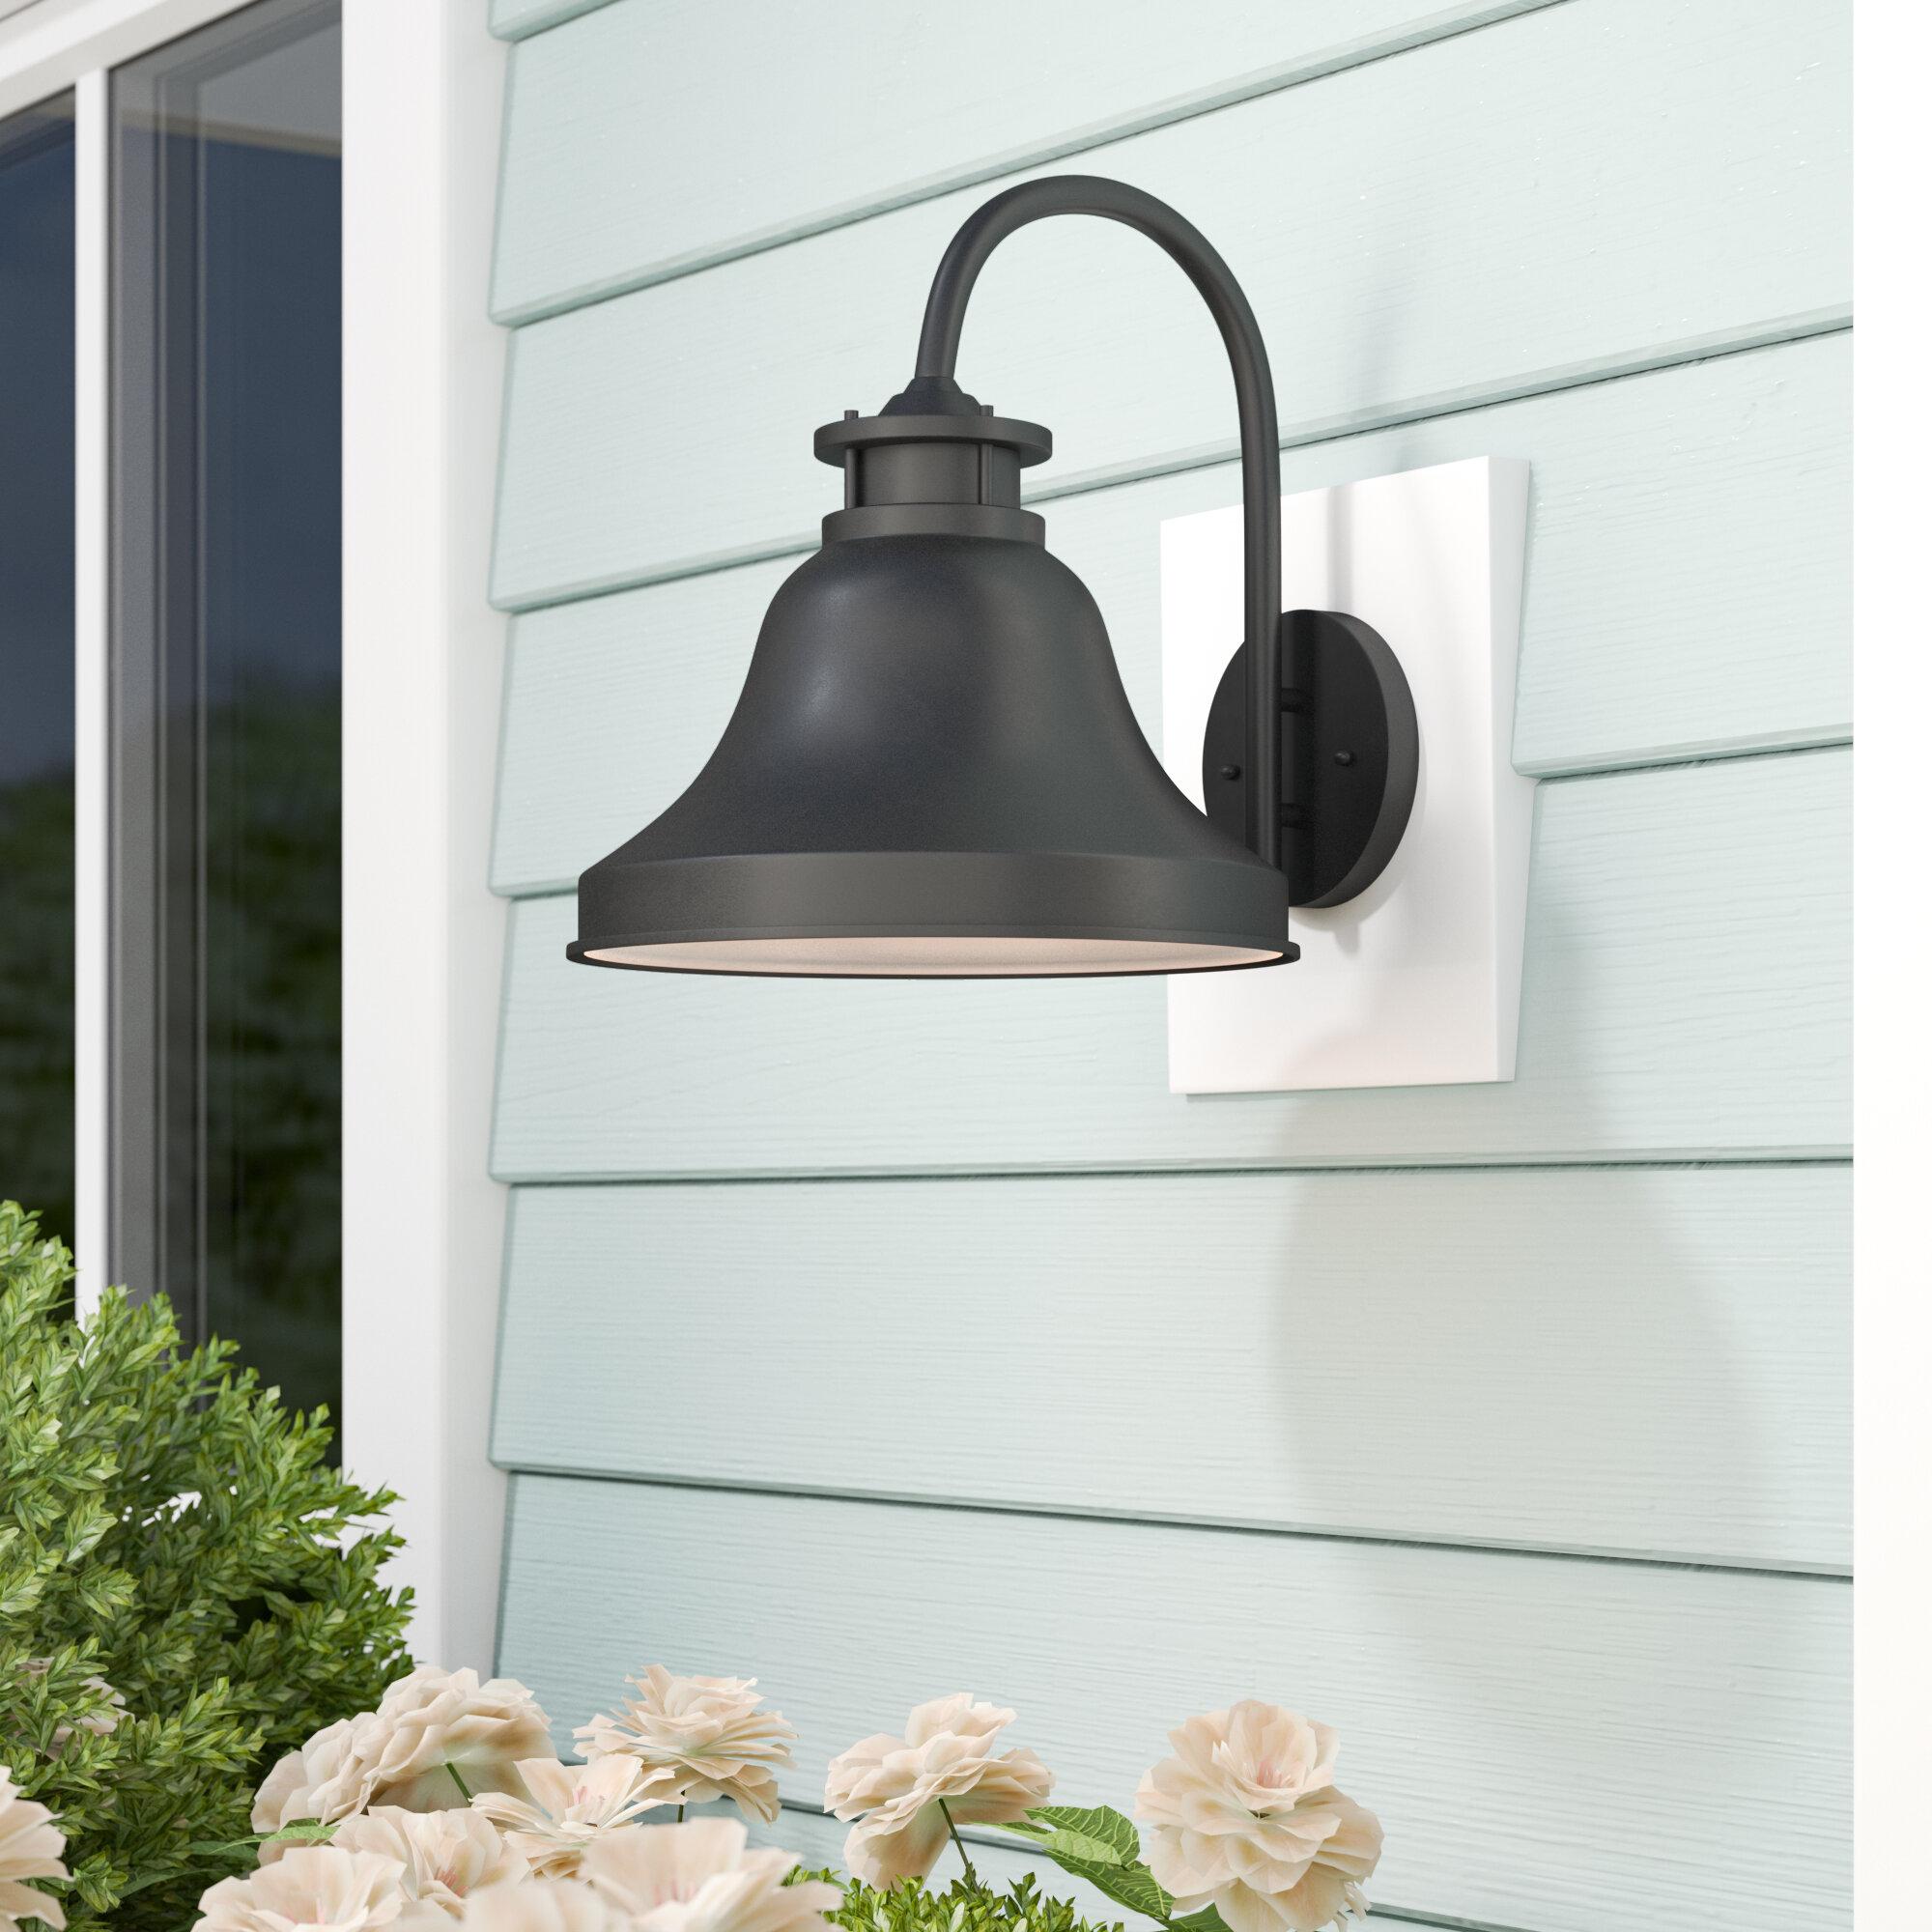 wayfair reviews pdx home lighting outdoor light barn beachcrest archibald barns